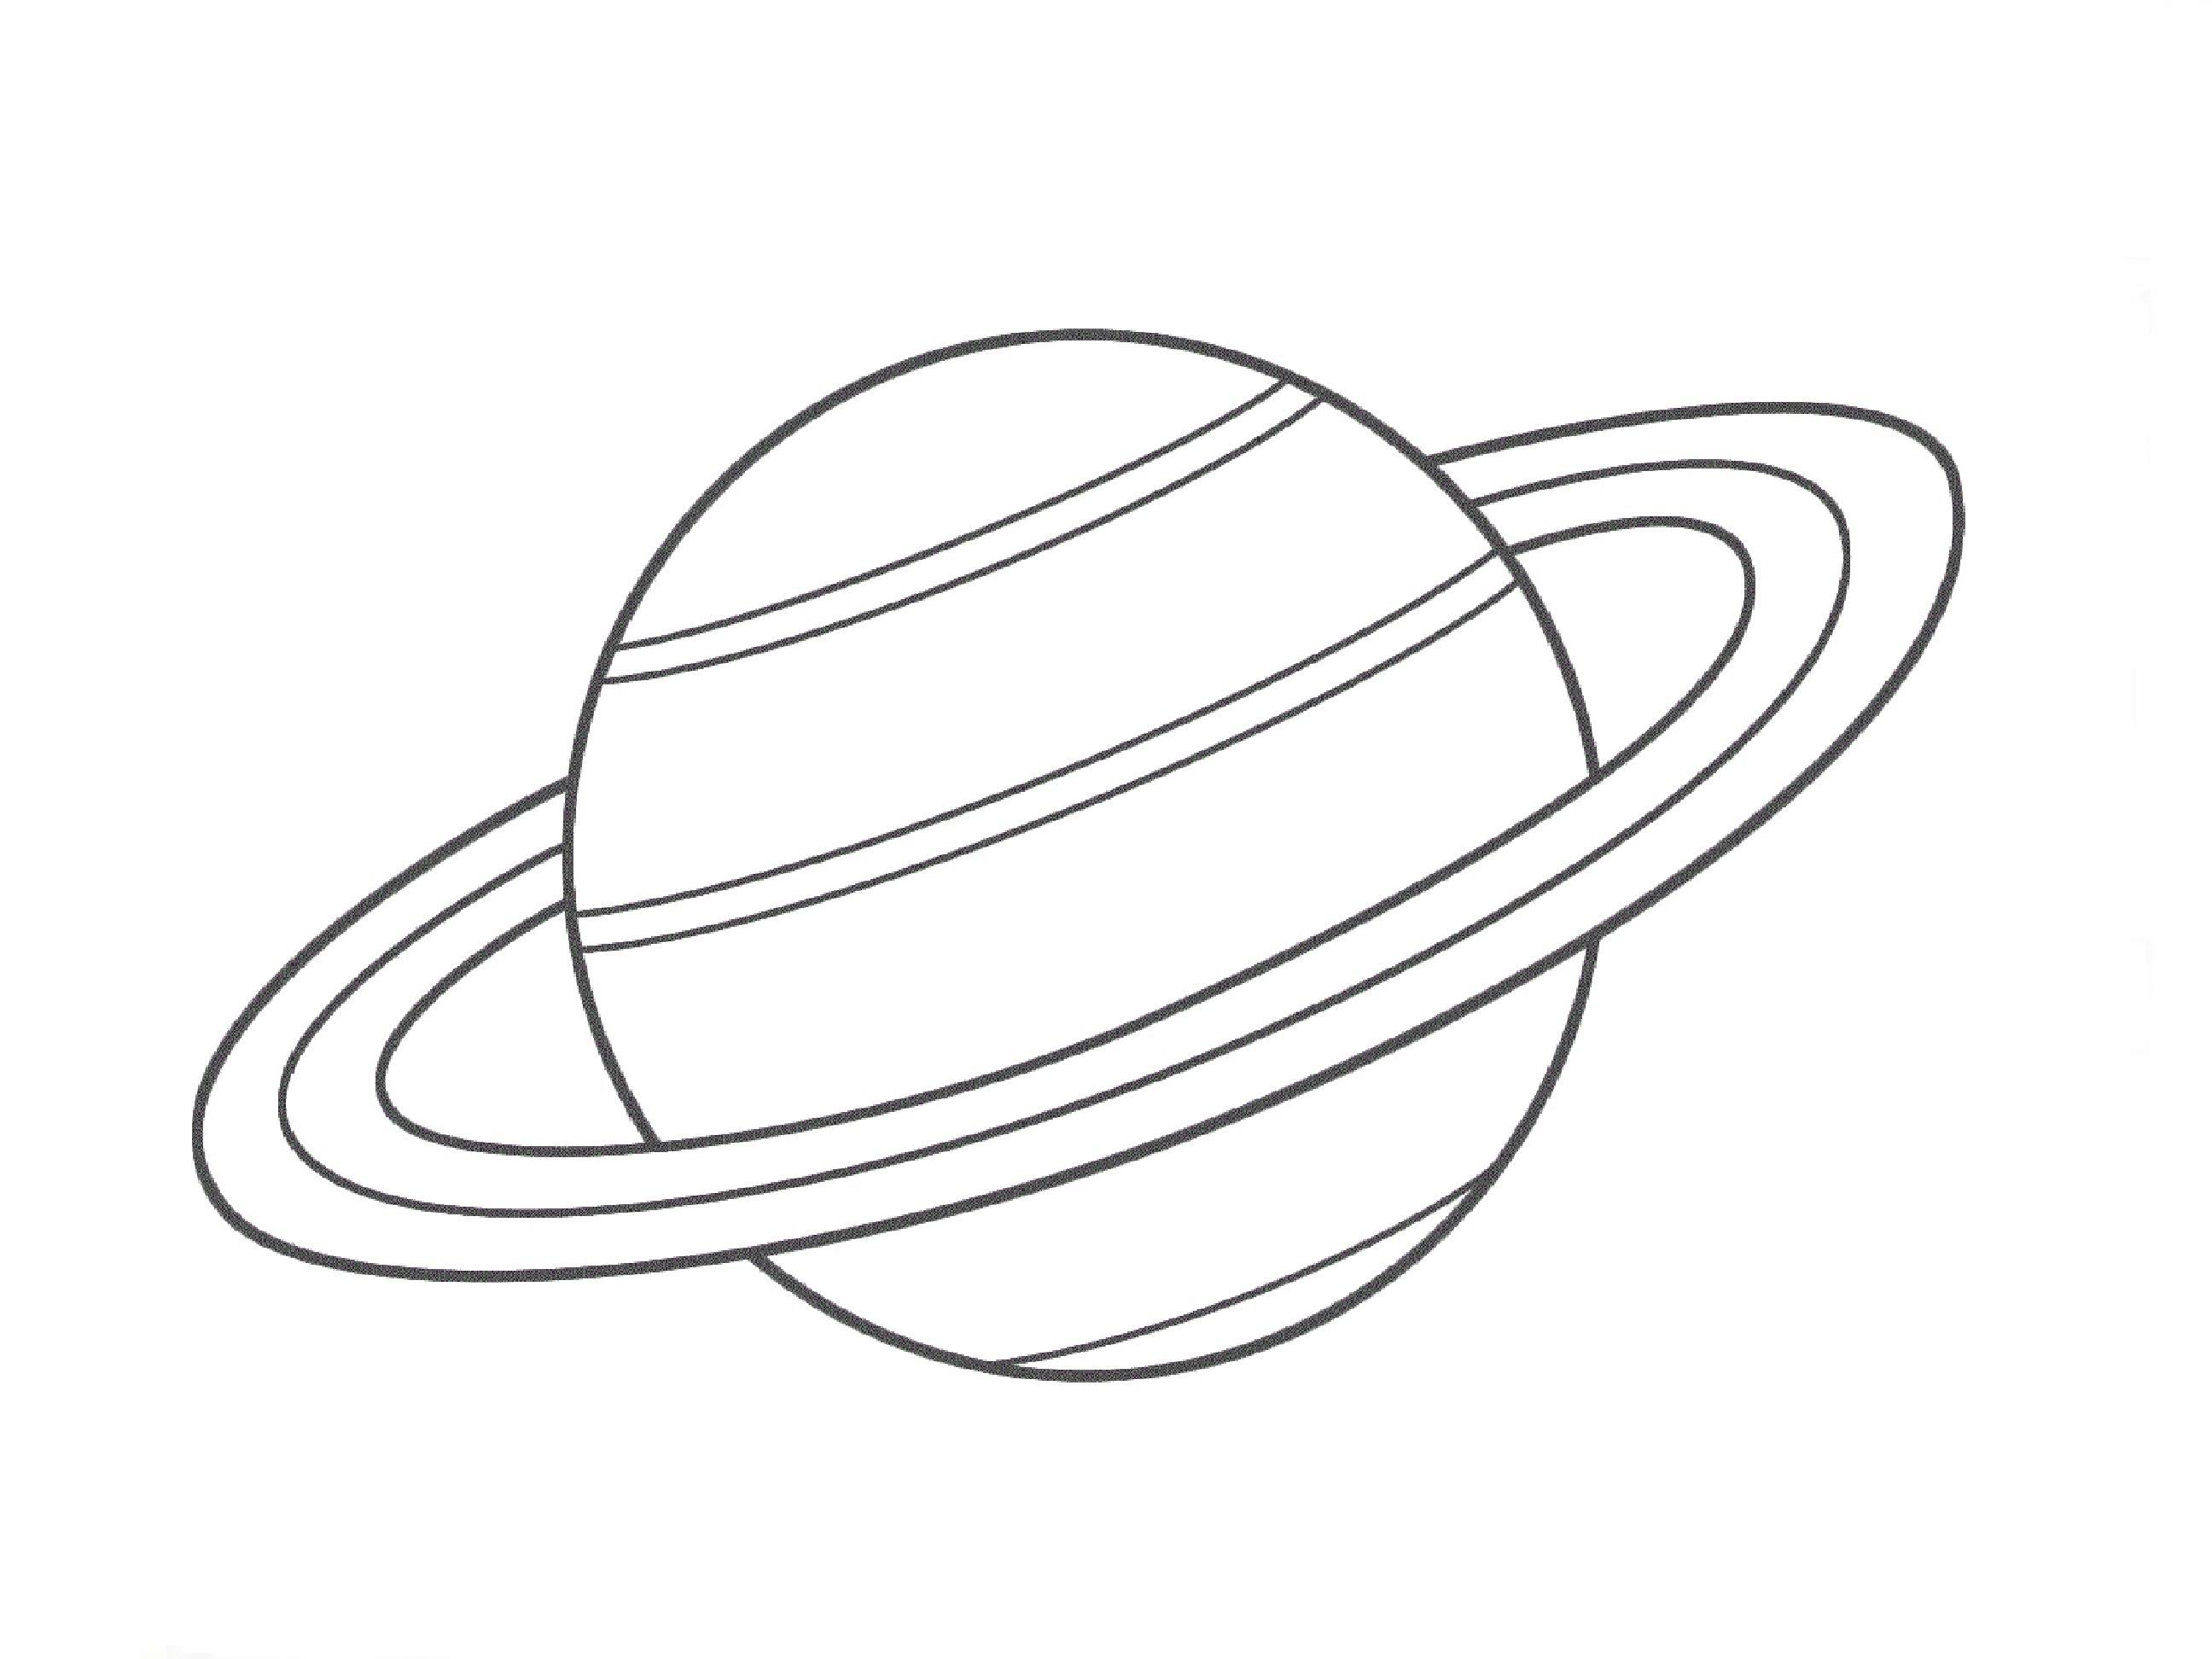 Jupiter Planet Drawing At Getdrawings